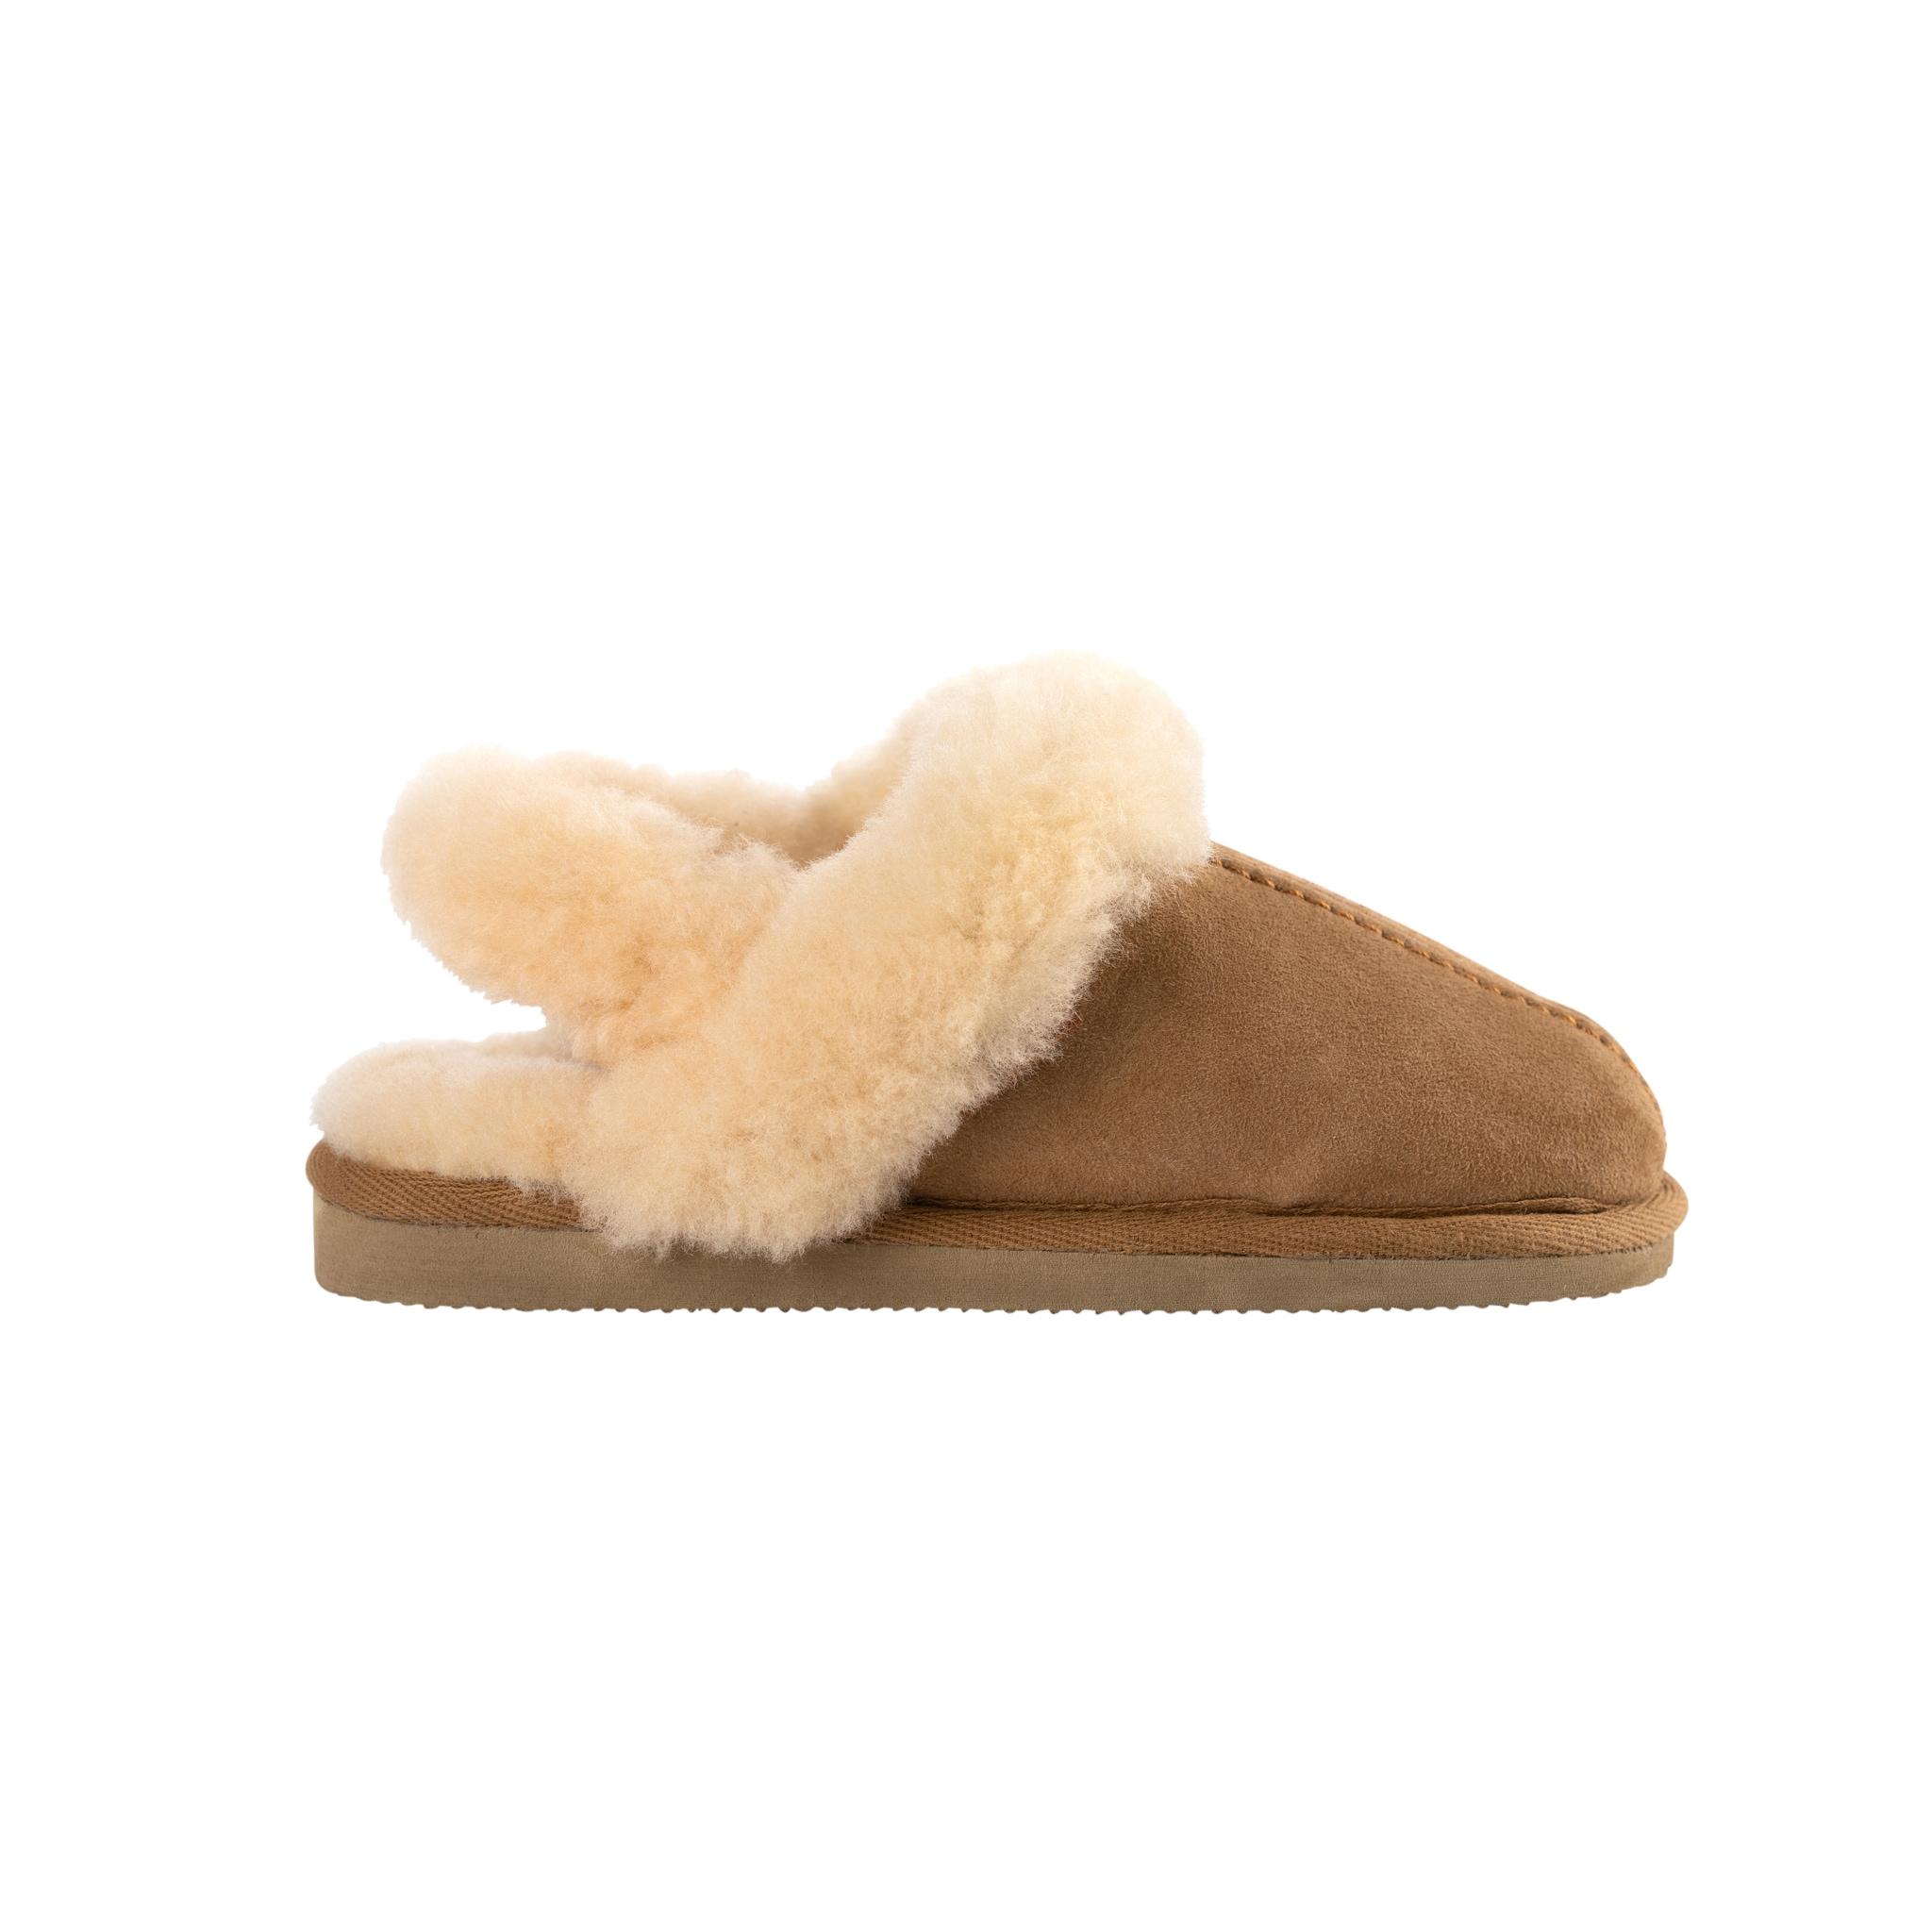 Shepherd Helsingborg slippers